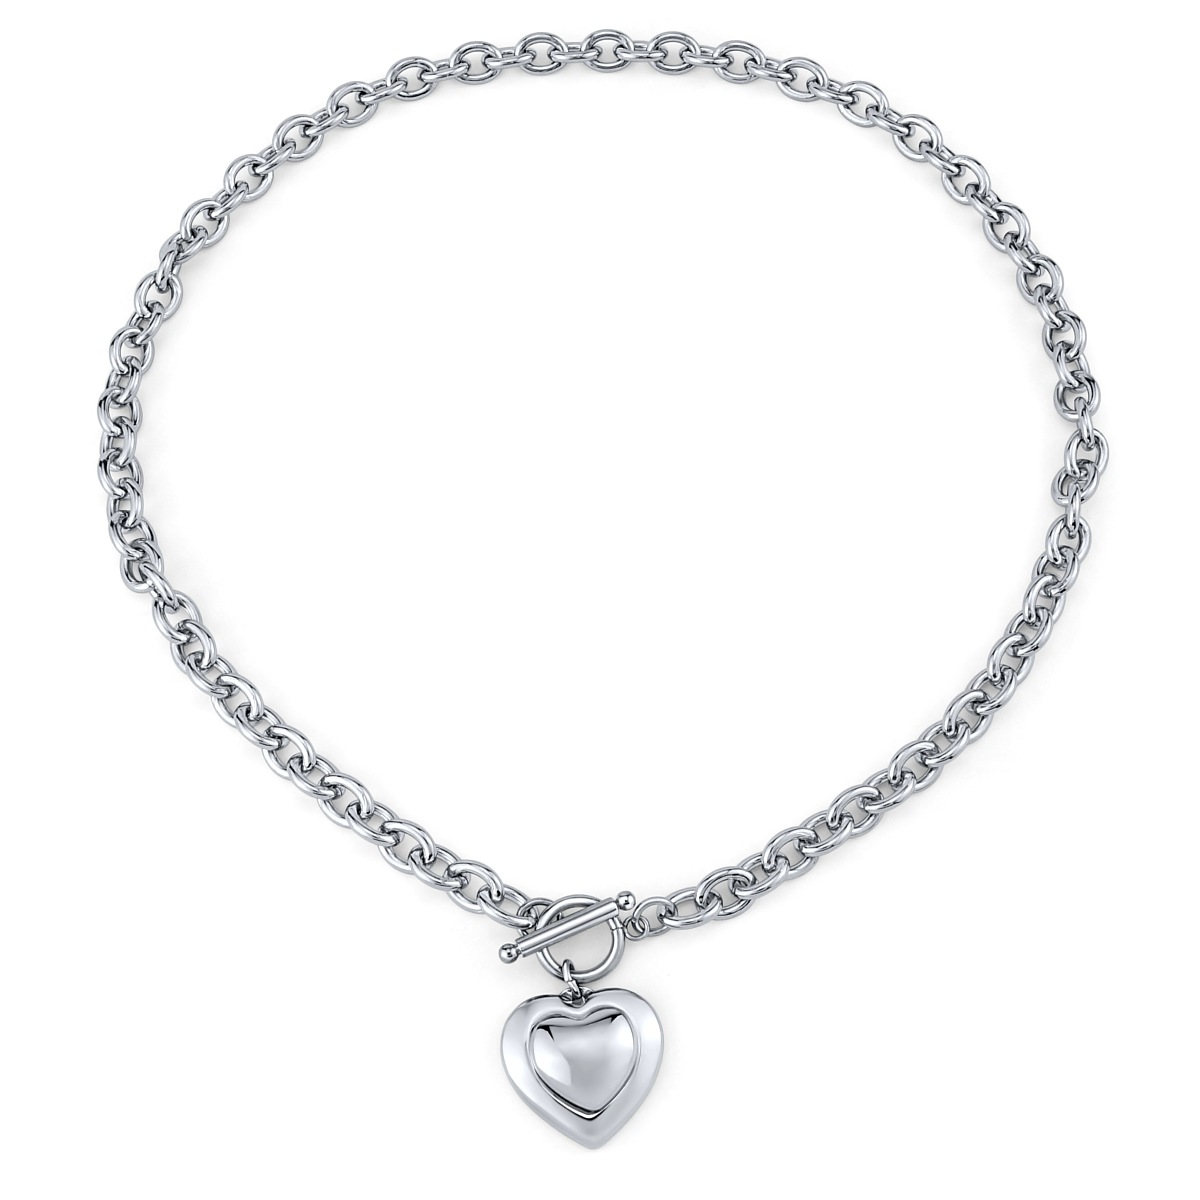 83ea10143 Náhrdelník srdce z chirurgické oceli 50 cm - stribro-klenoty.cz